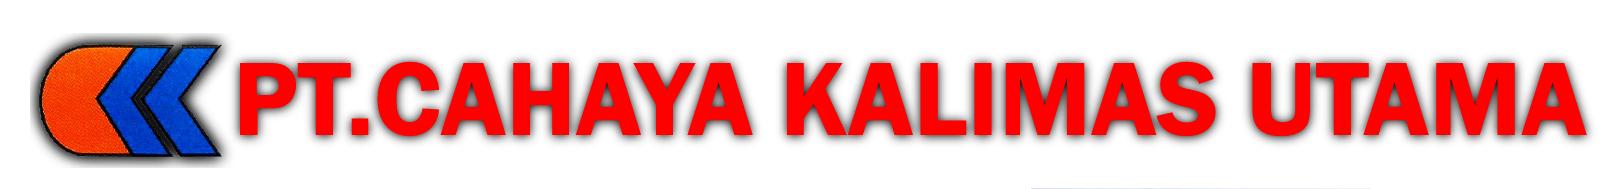 CAHAYA KALIMAS UTAMA